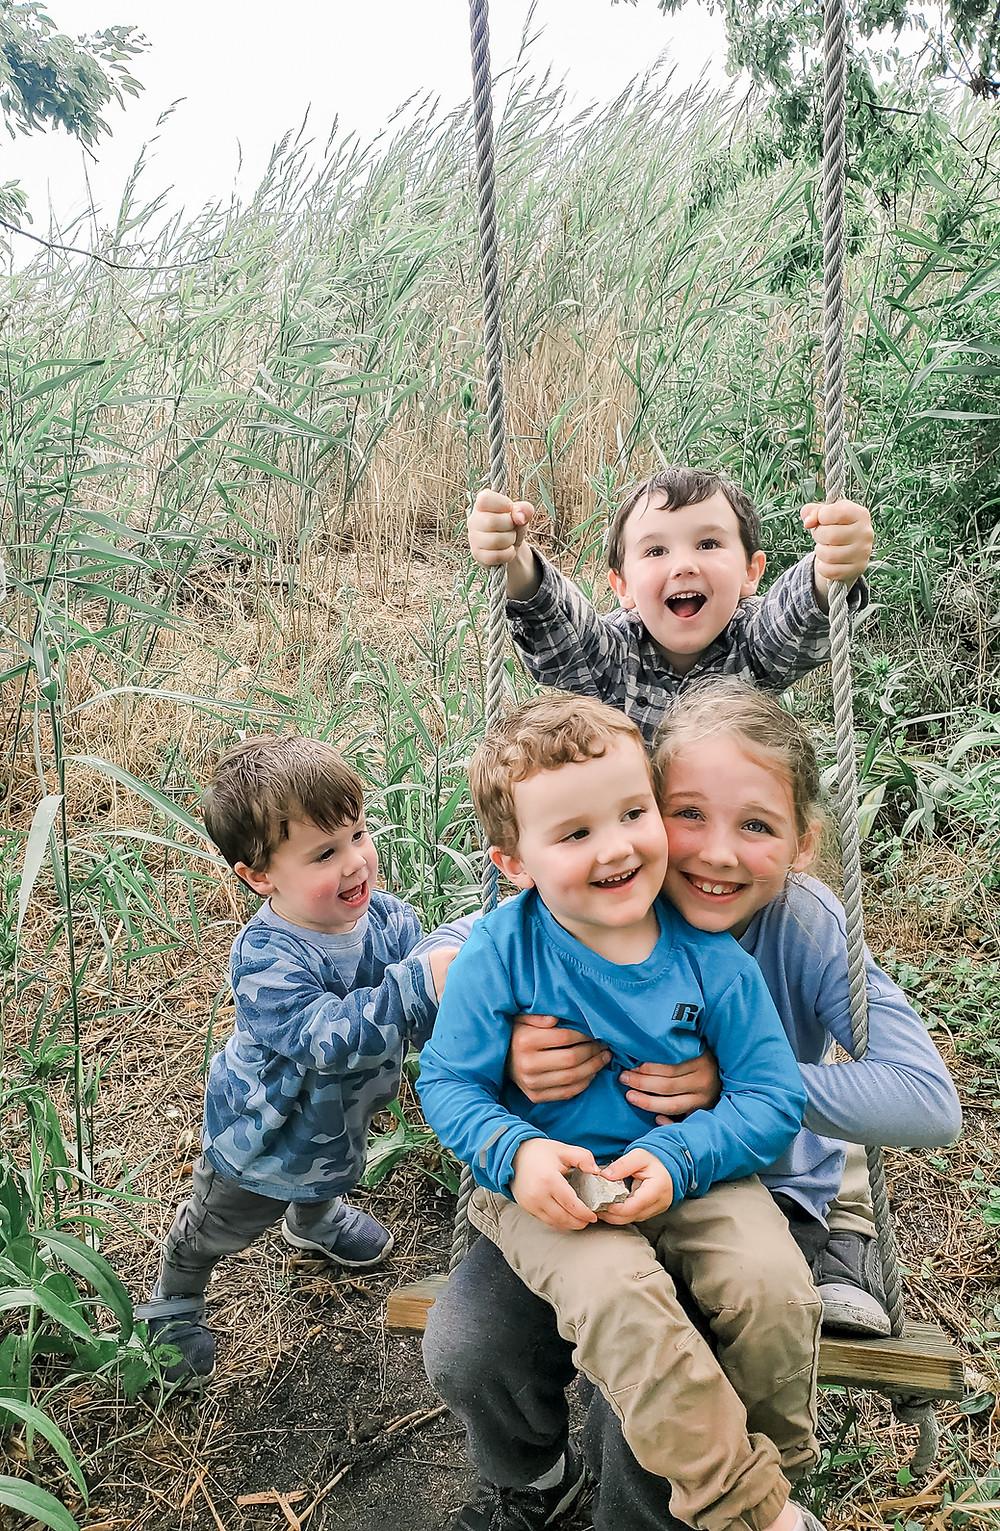 Author of Beautiful Mundo's four children